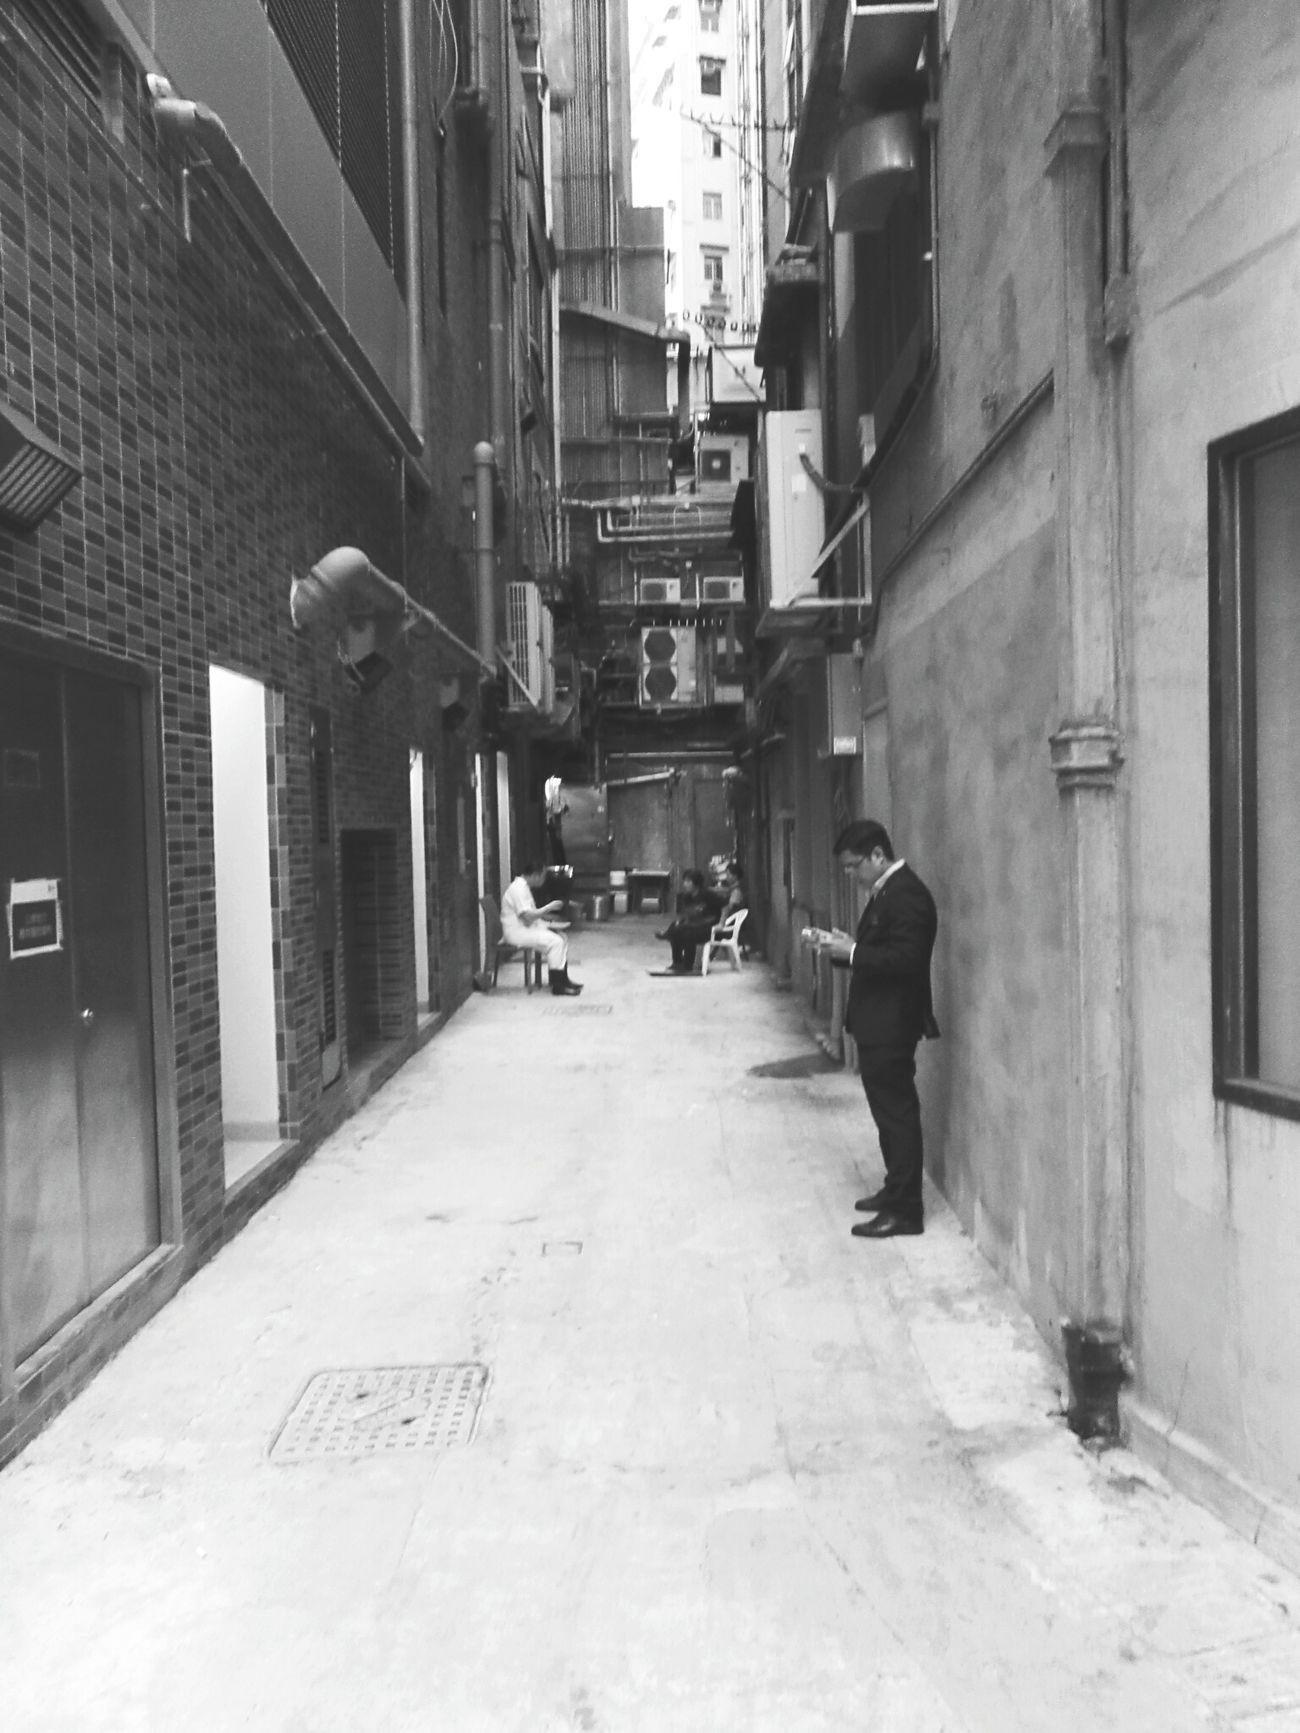 Hongkongstreet Hongkongcity Hong Kong City Hongkongcollection Hongkonglife Hongkongphotography HongKong Street Photography Blackandwhite Photography Blackandwhite Fortheloveofblackandwhite Hongkong Black&white Black And White B&w Street Photography